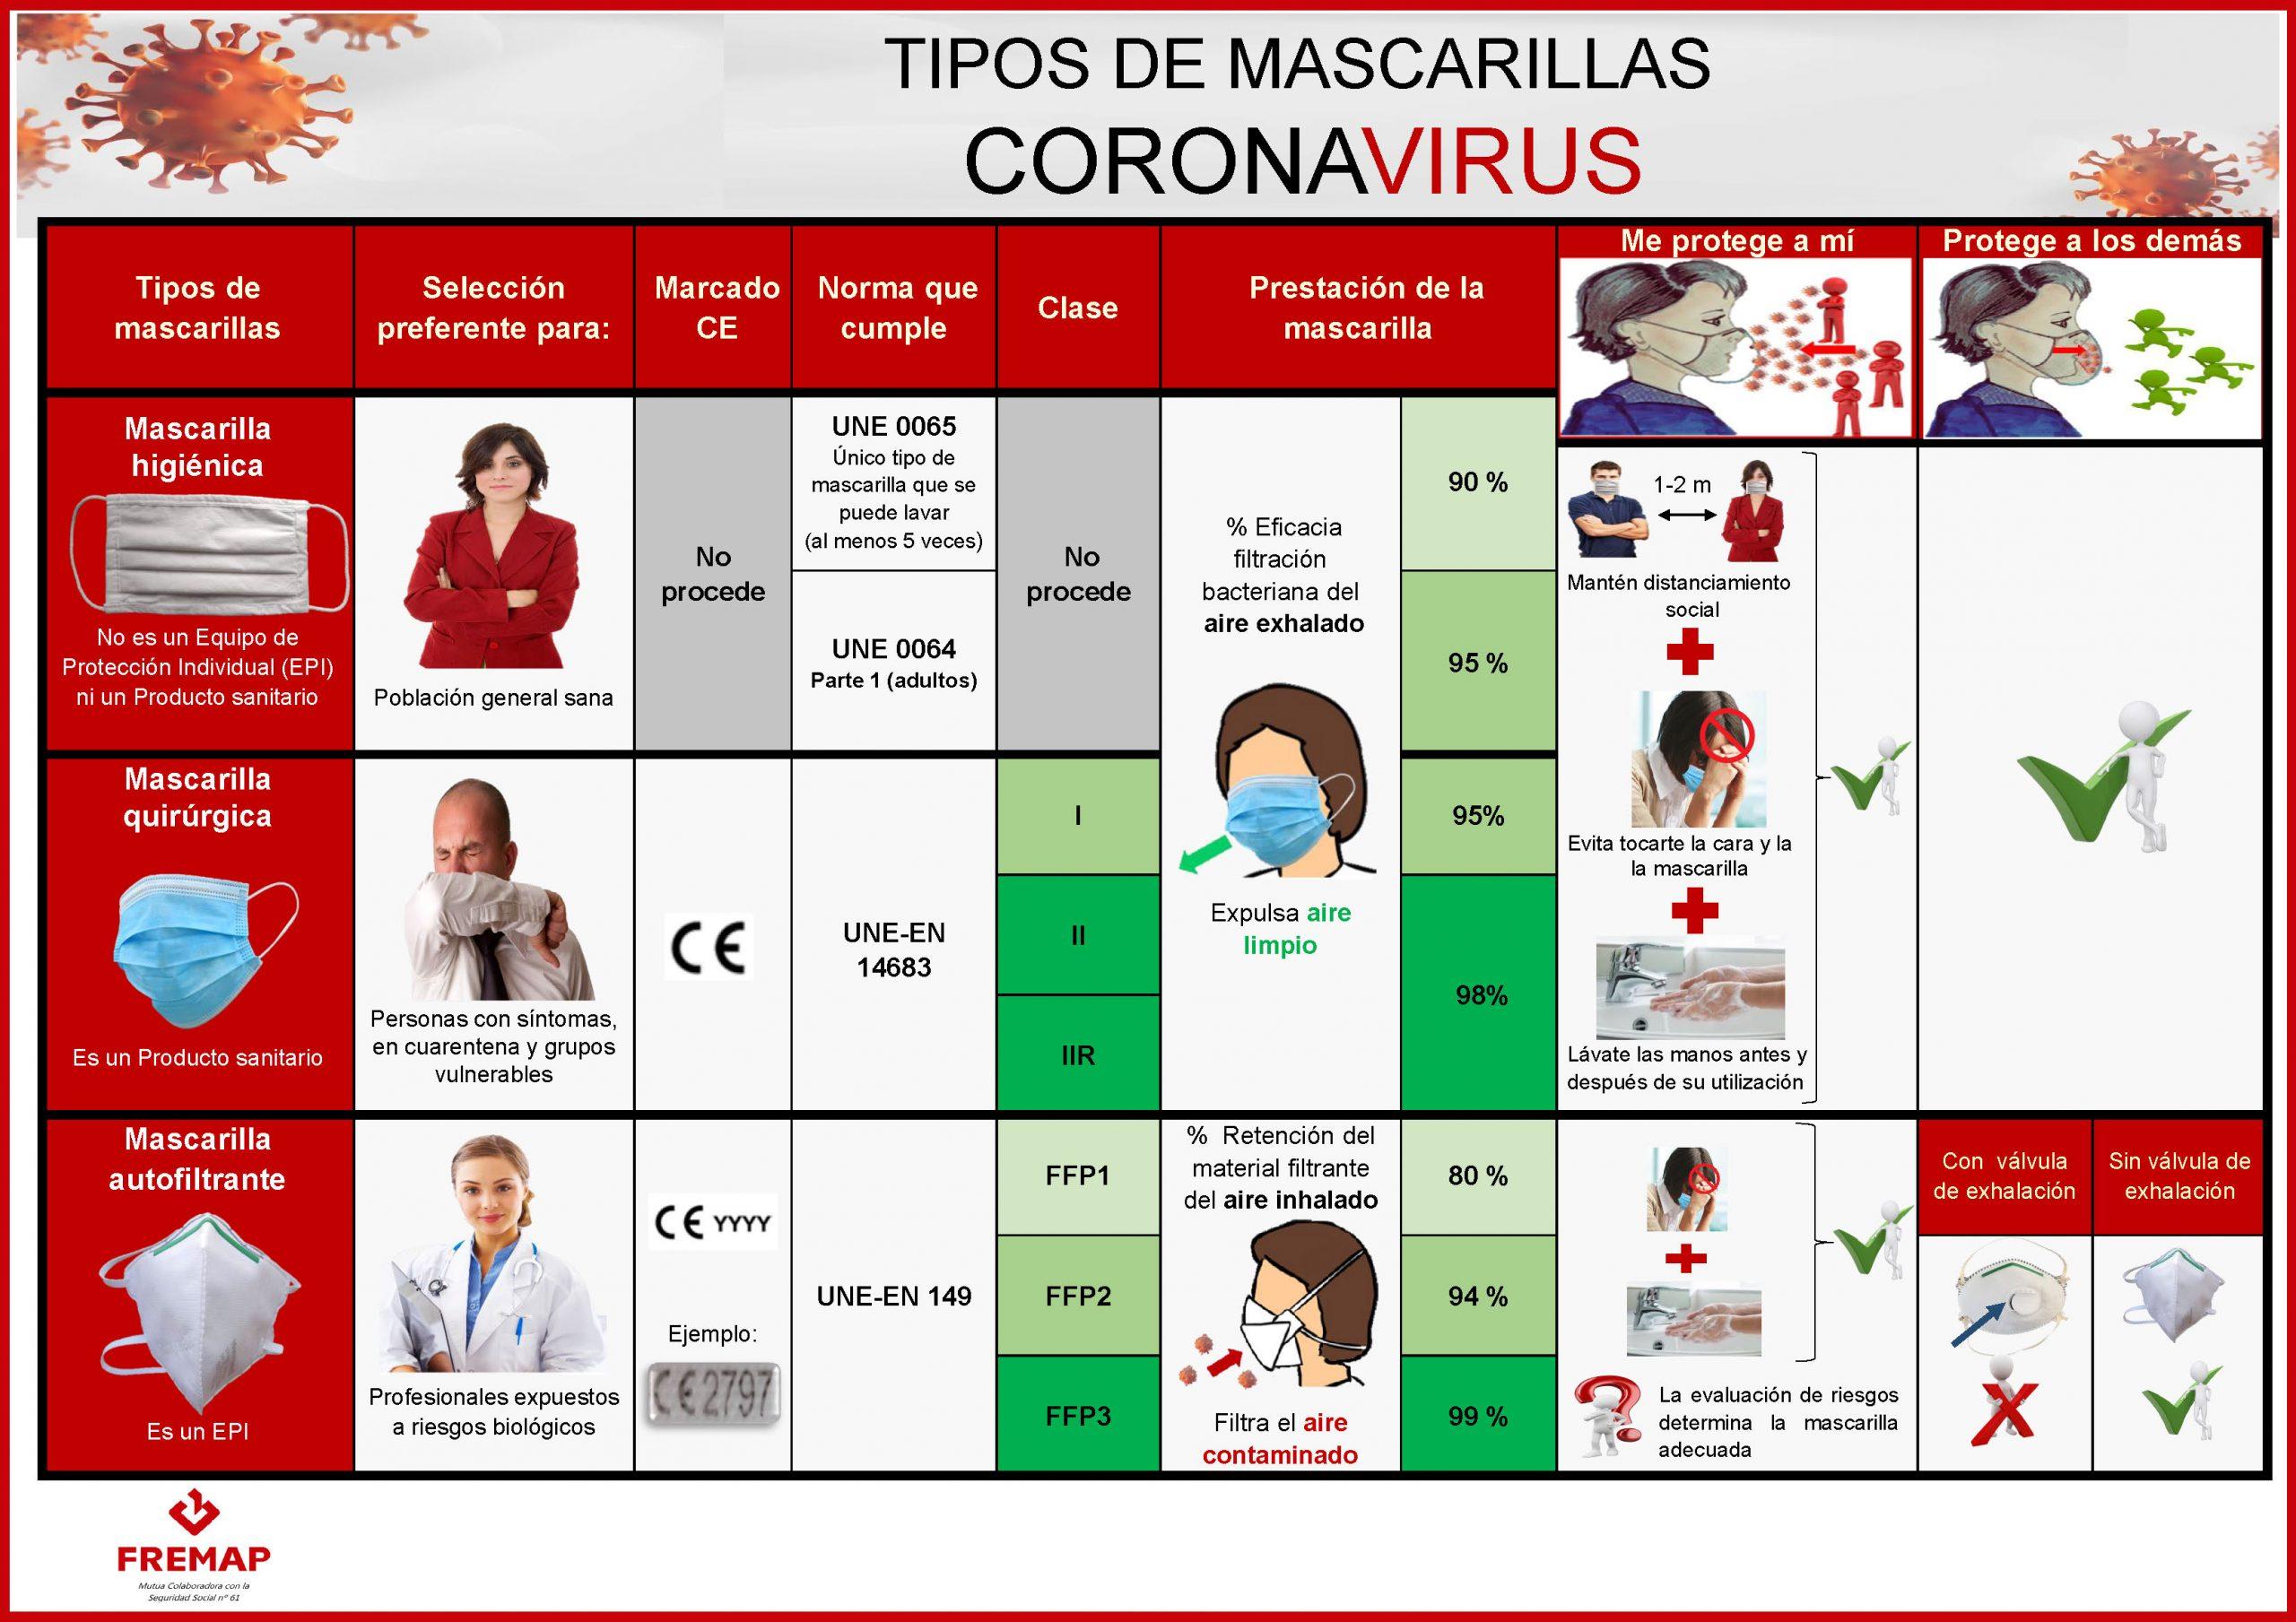 029 MASCARILLAS TIPOS